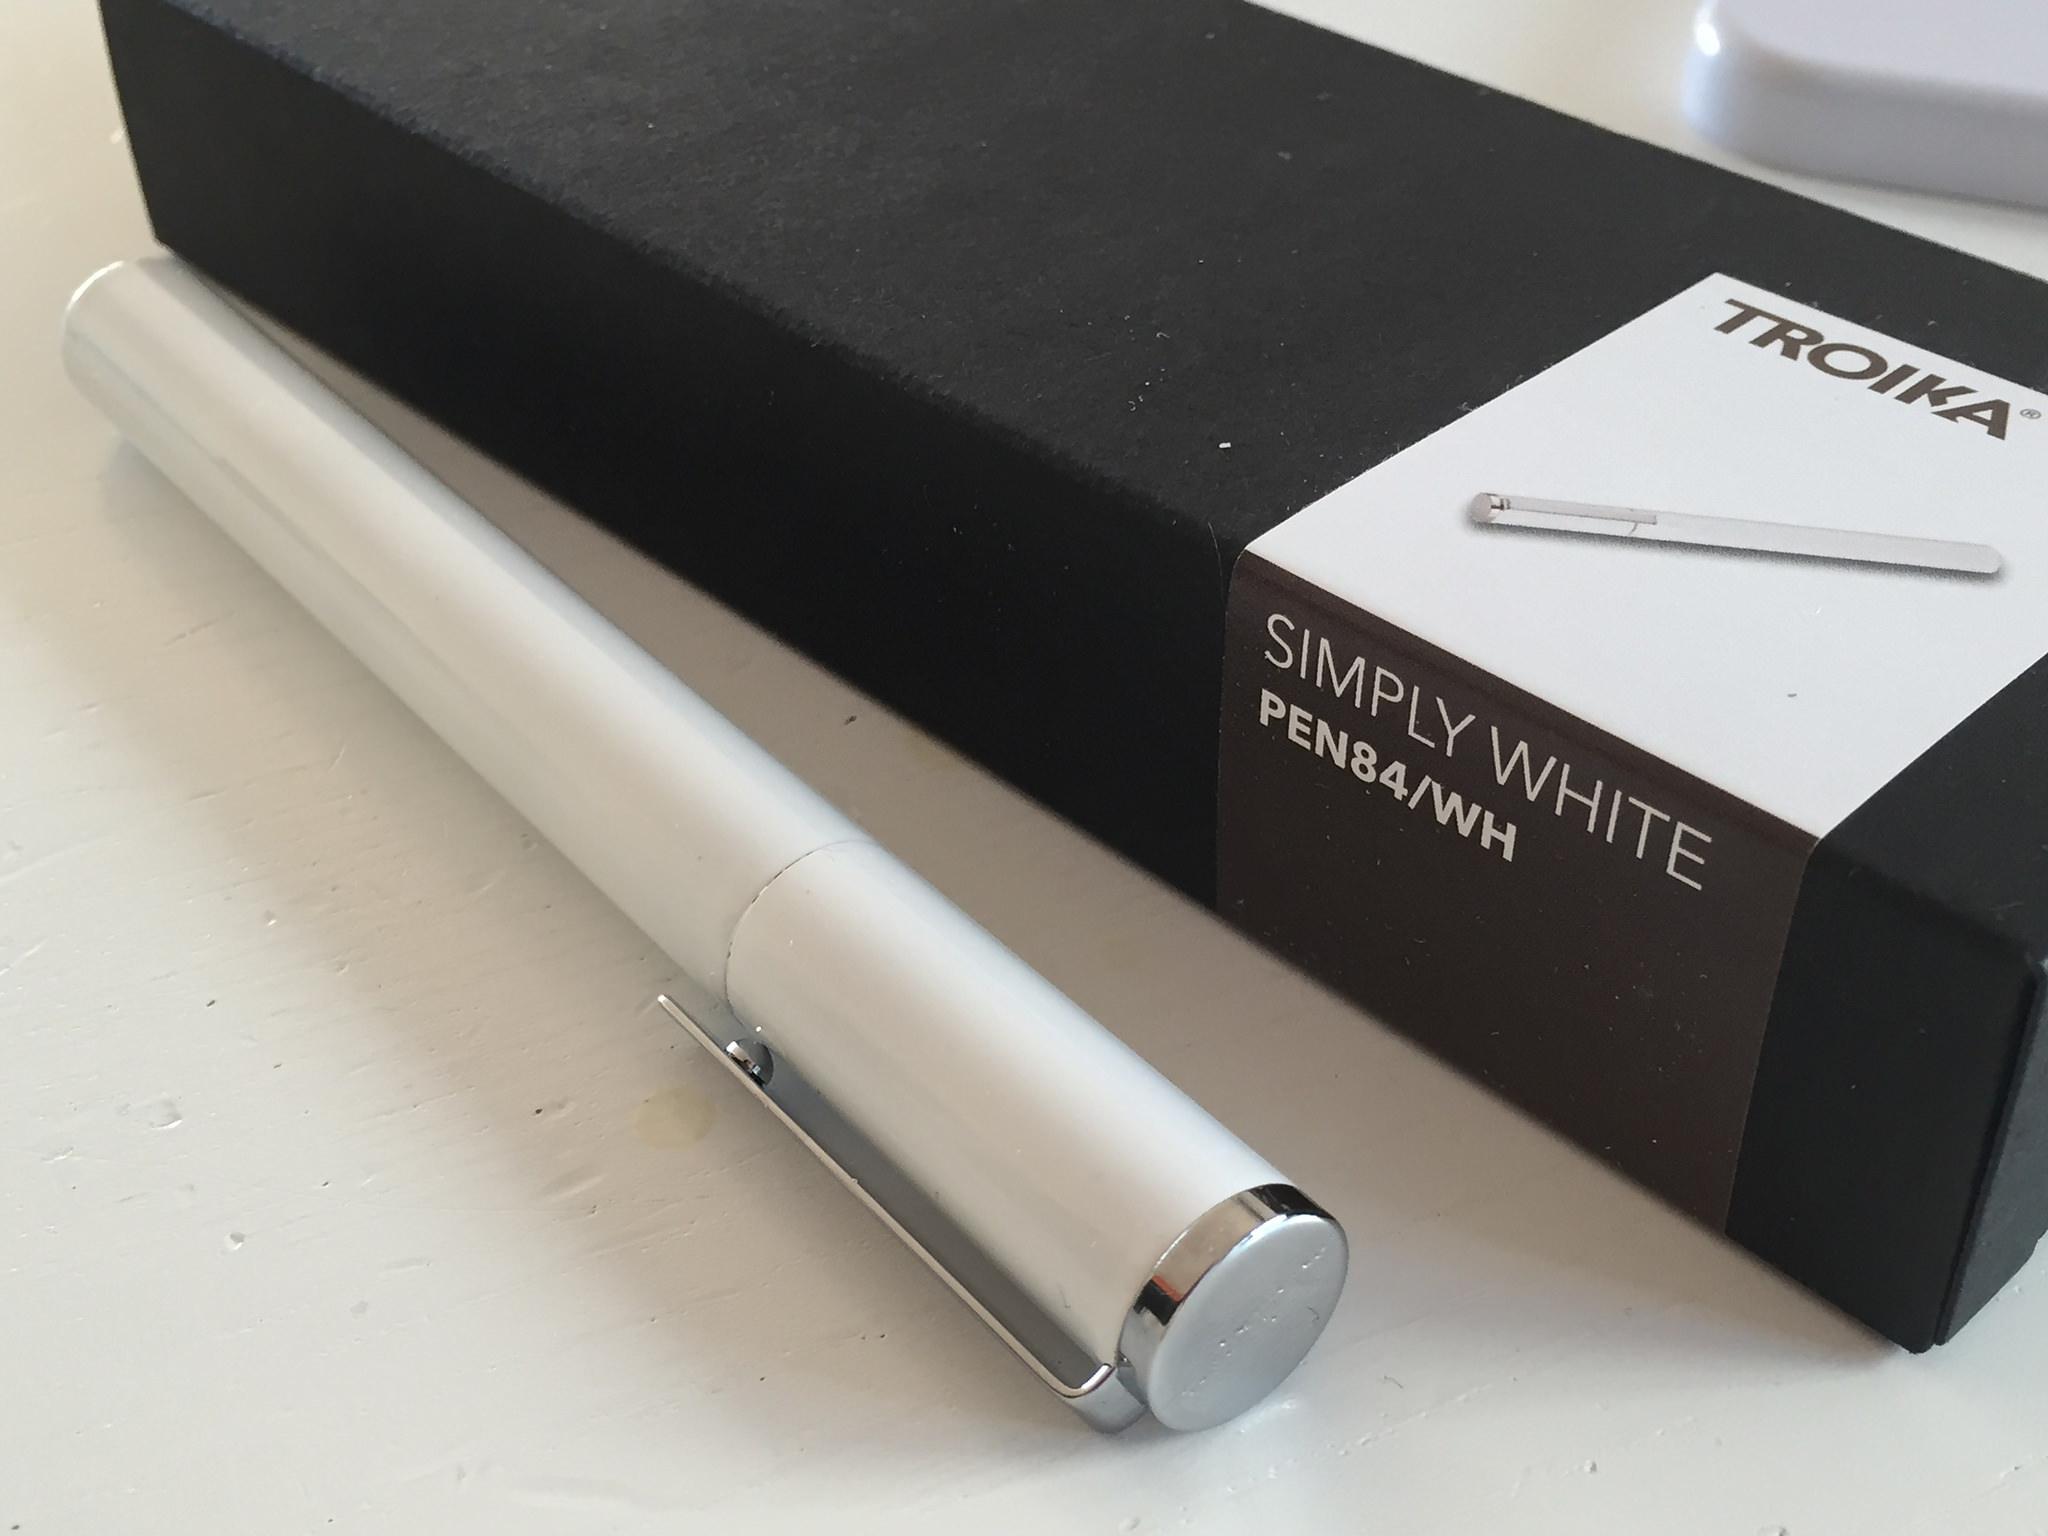 Troika simply white_rollerball_fountain pen